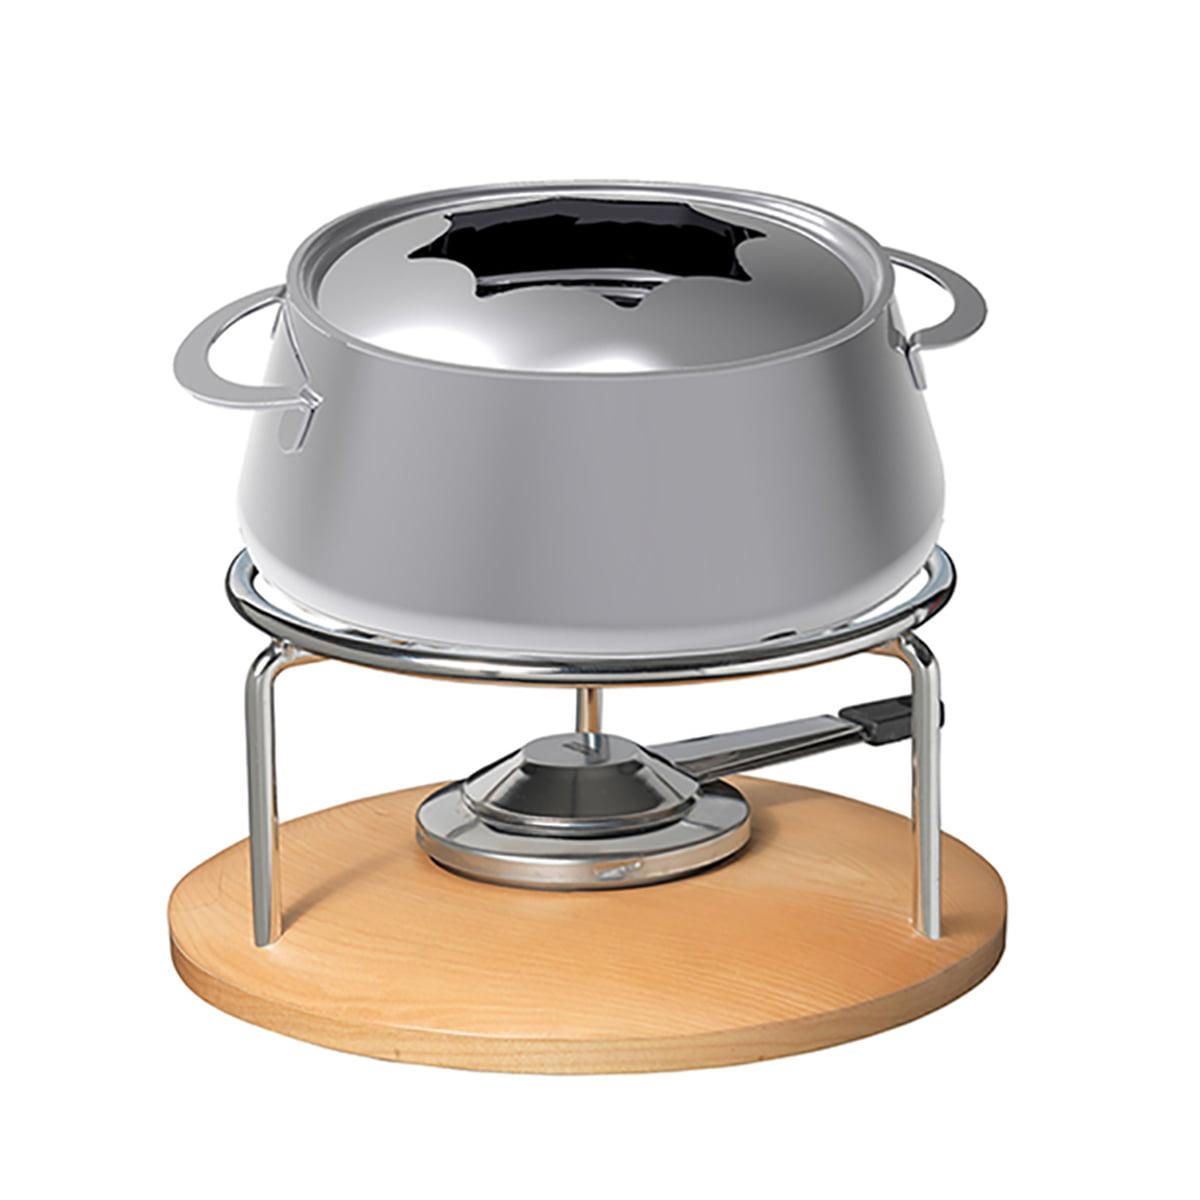 Stöckli - Natura Fonduegarnitur, Ø 21 cm | Küche und Esszimmer > Küchengeräte > Fondue | Edelstahl | Edelstahl -  rechaudsockel aus holz | Stöckli